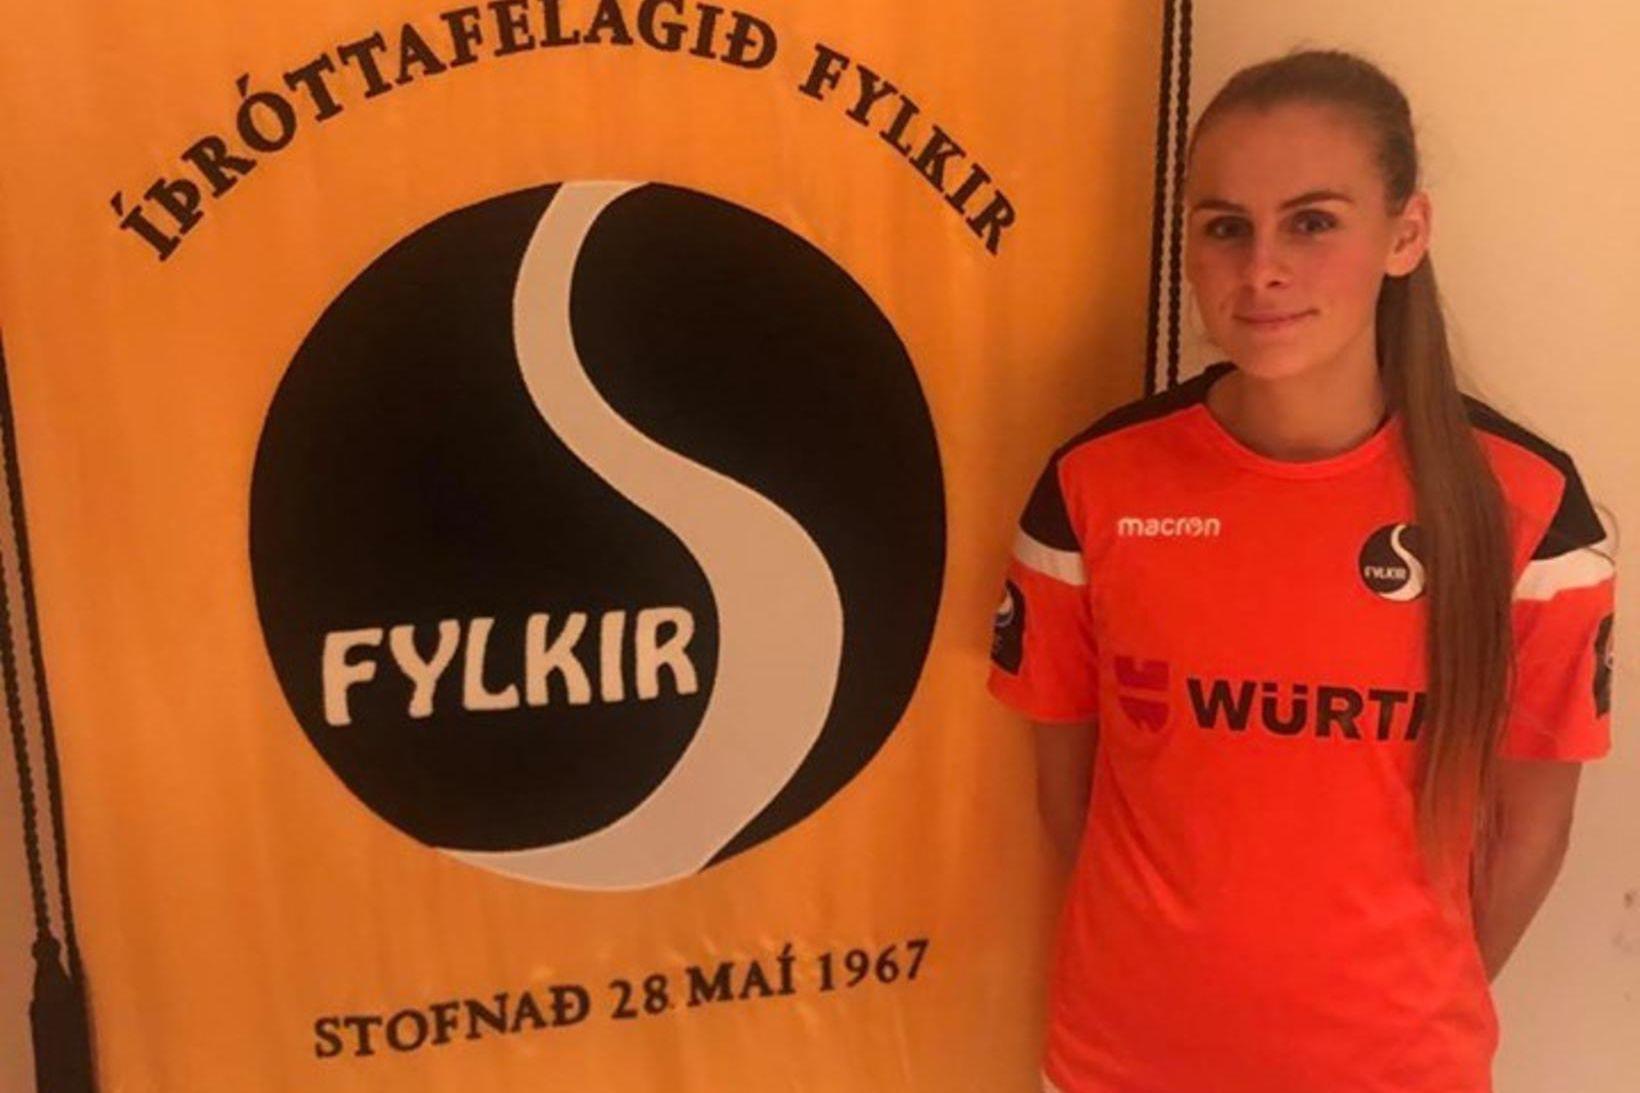 María Eva Eyjólfsdóttir er orðin leikmaður Fylkis.